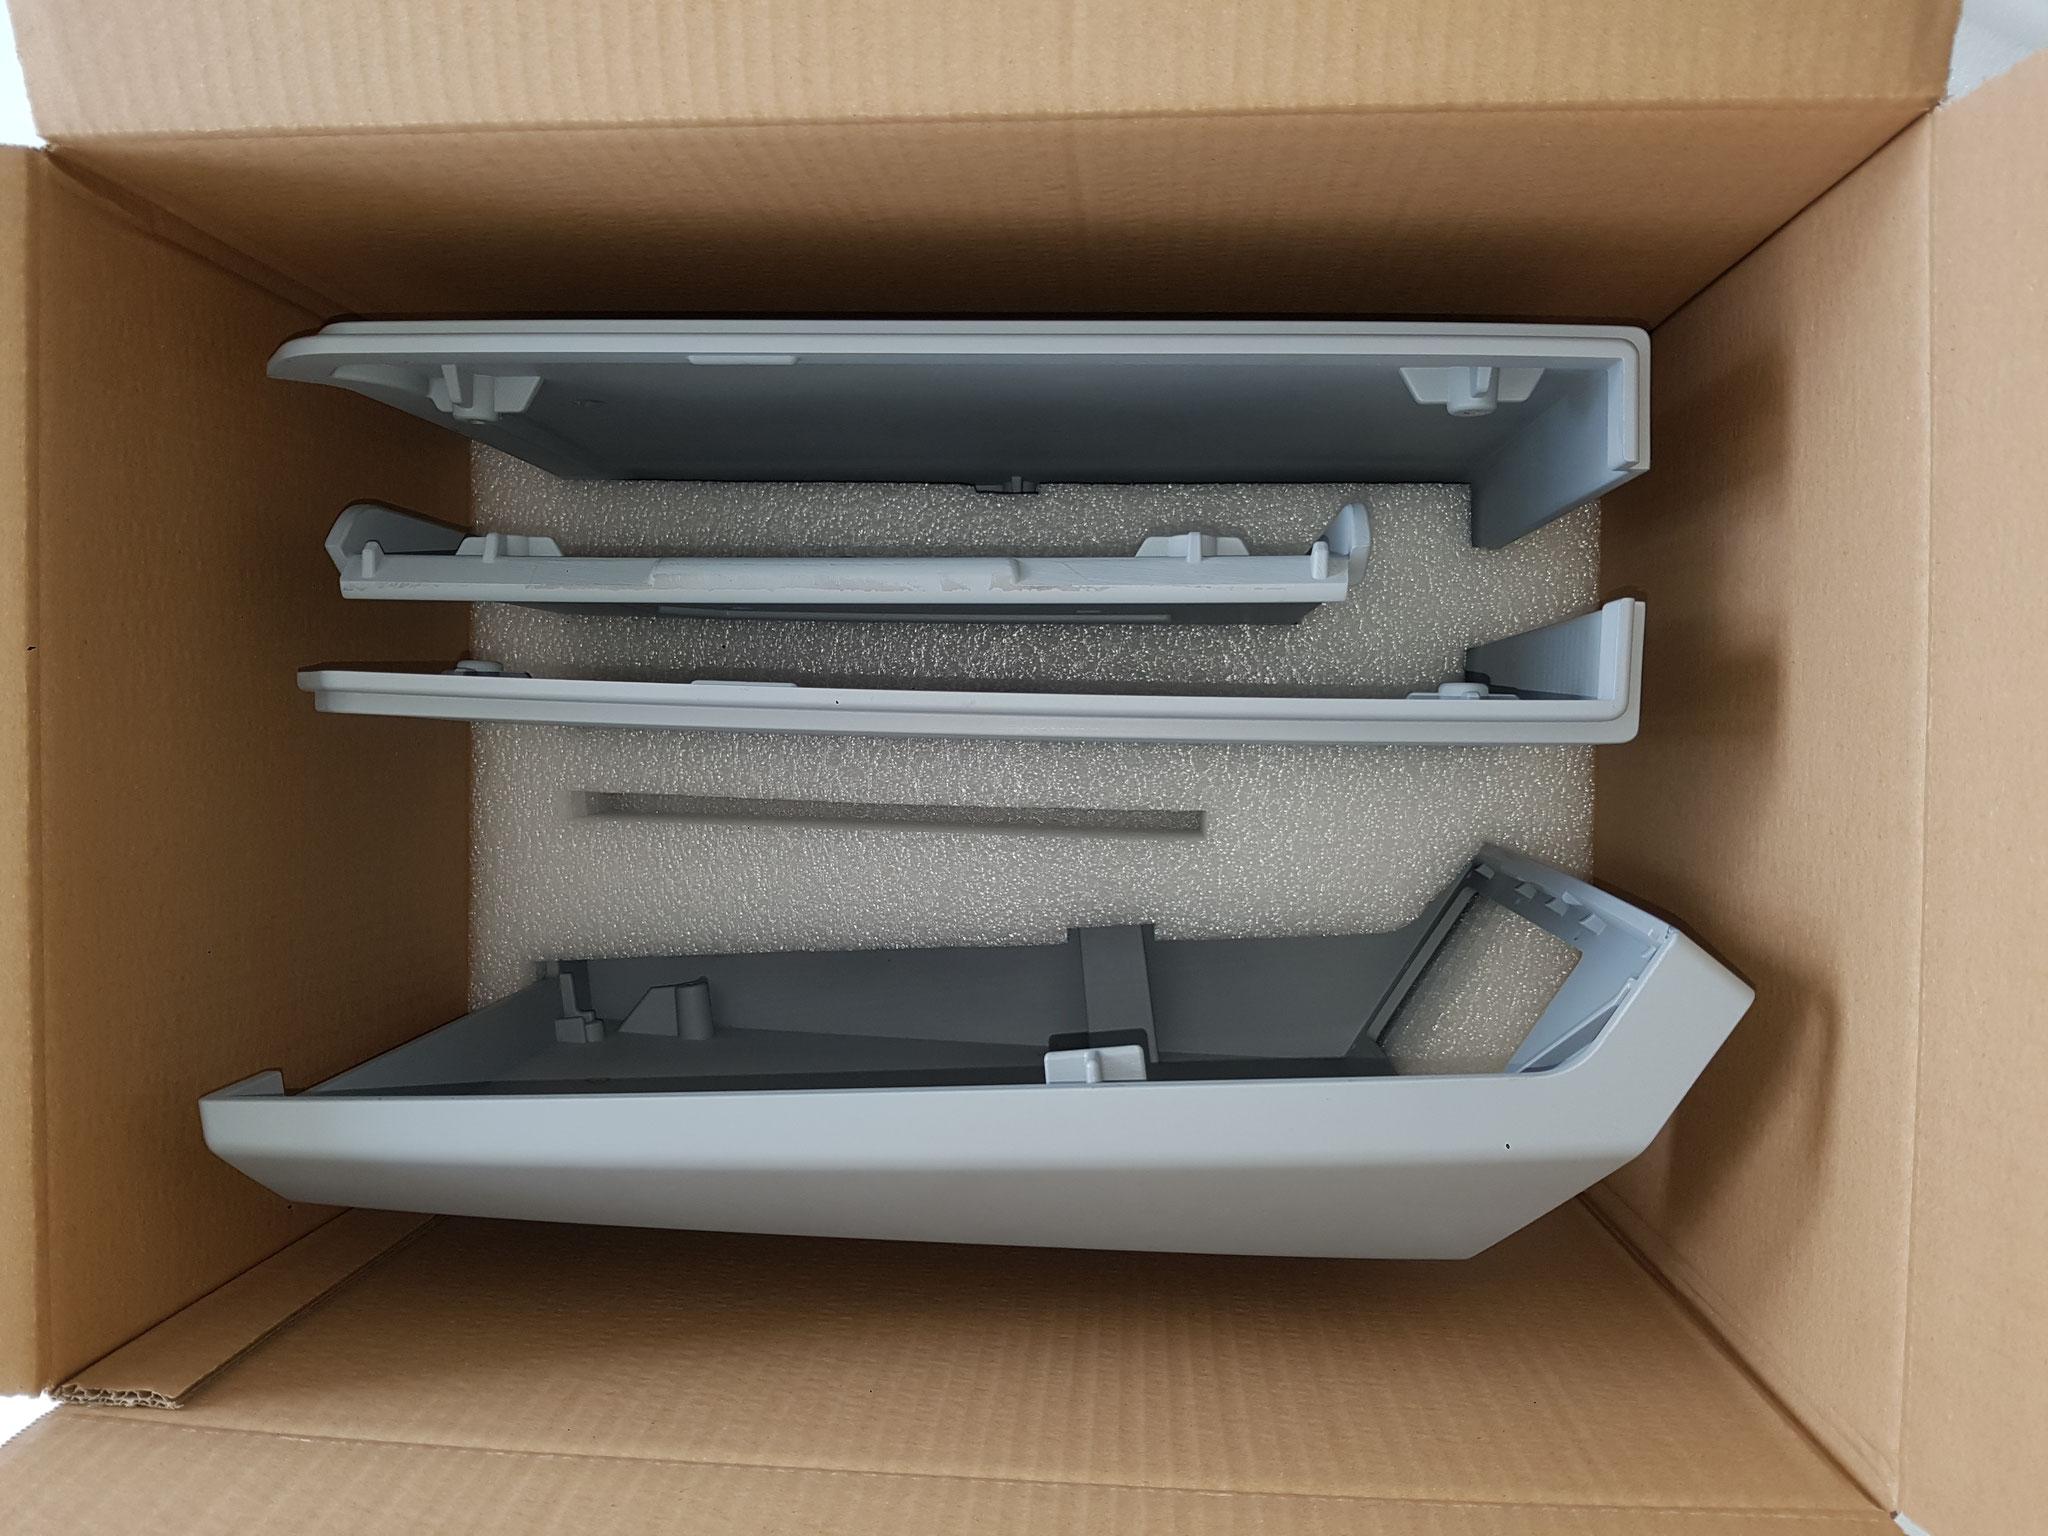 Verpackung für Gehäuseteile